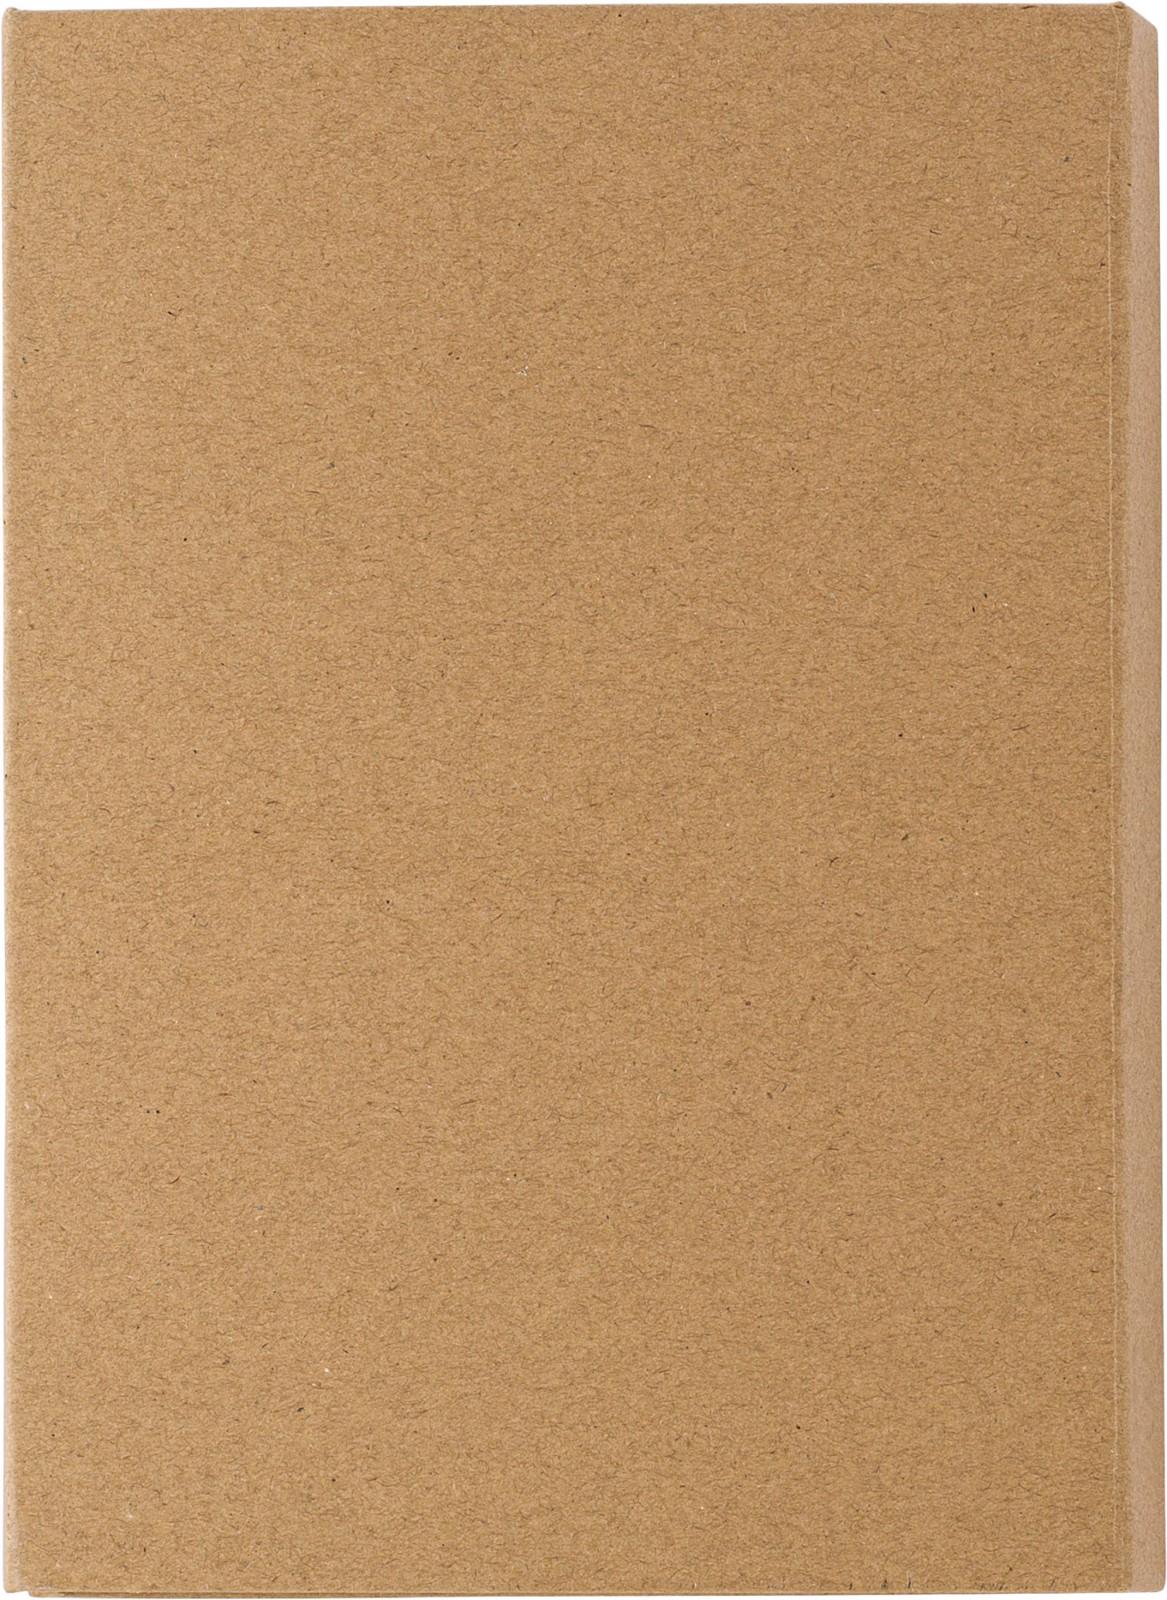 Carpeta de escritura, cartón